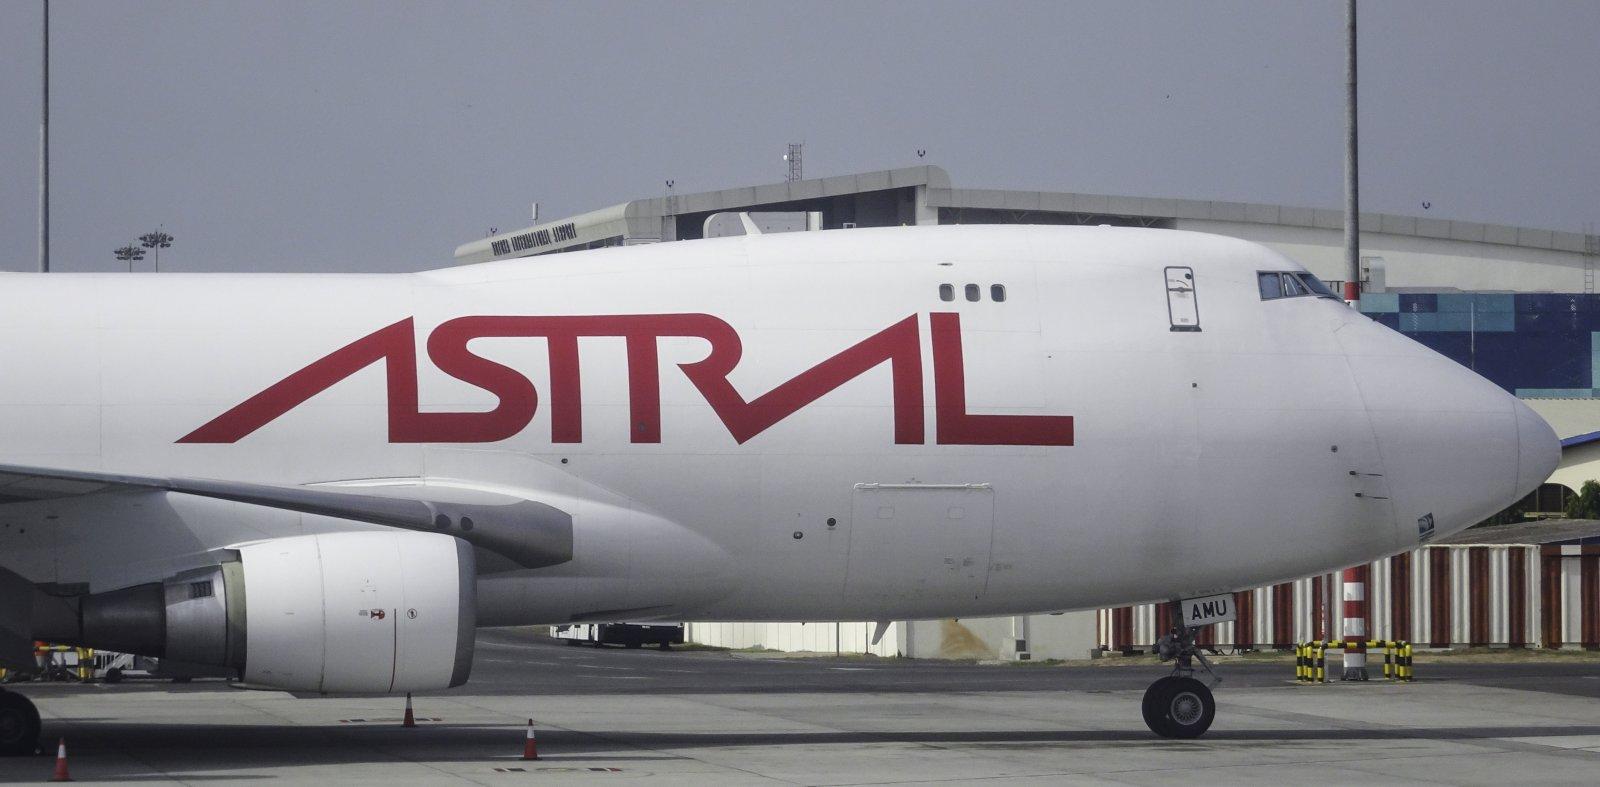 Astral Aviation Boeing 747-48EF TF-AMU